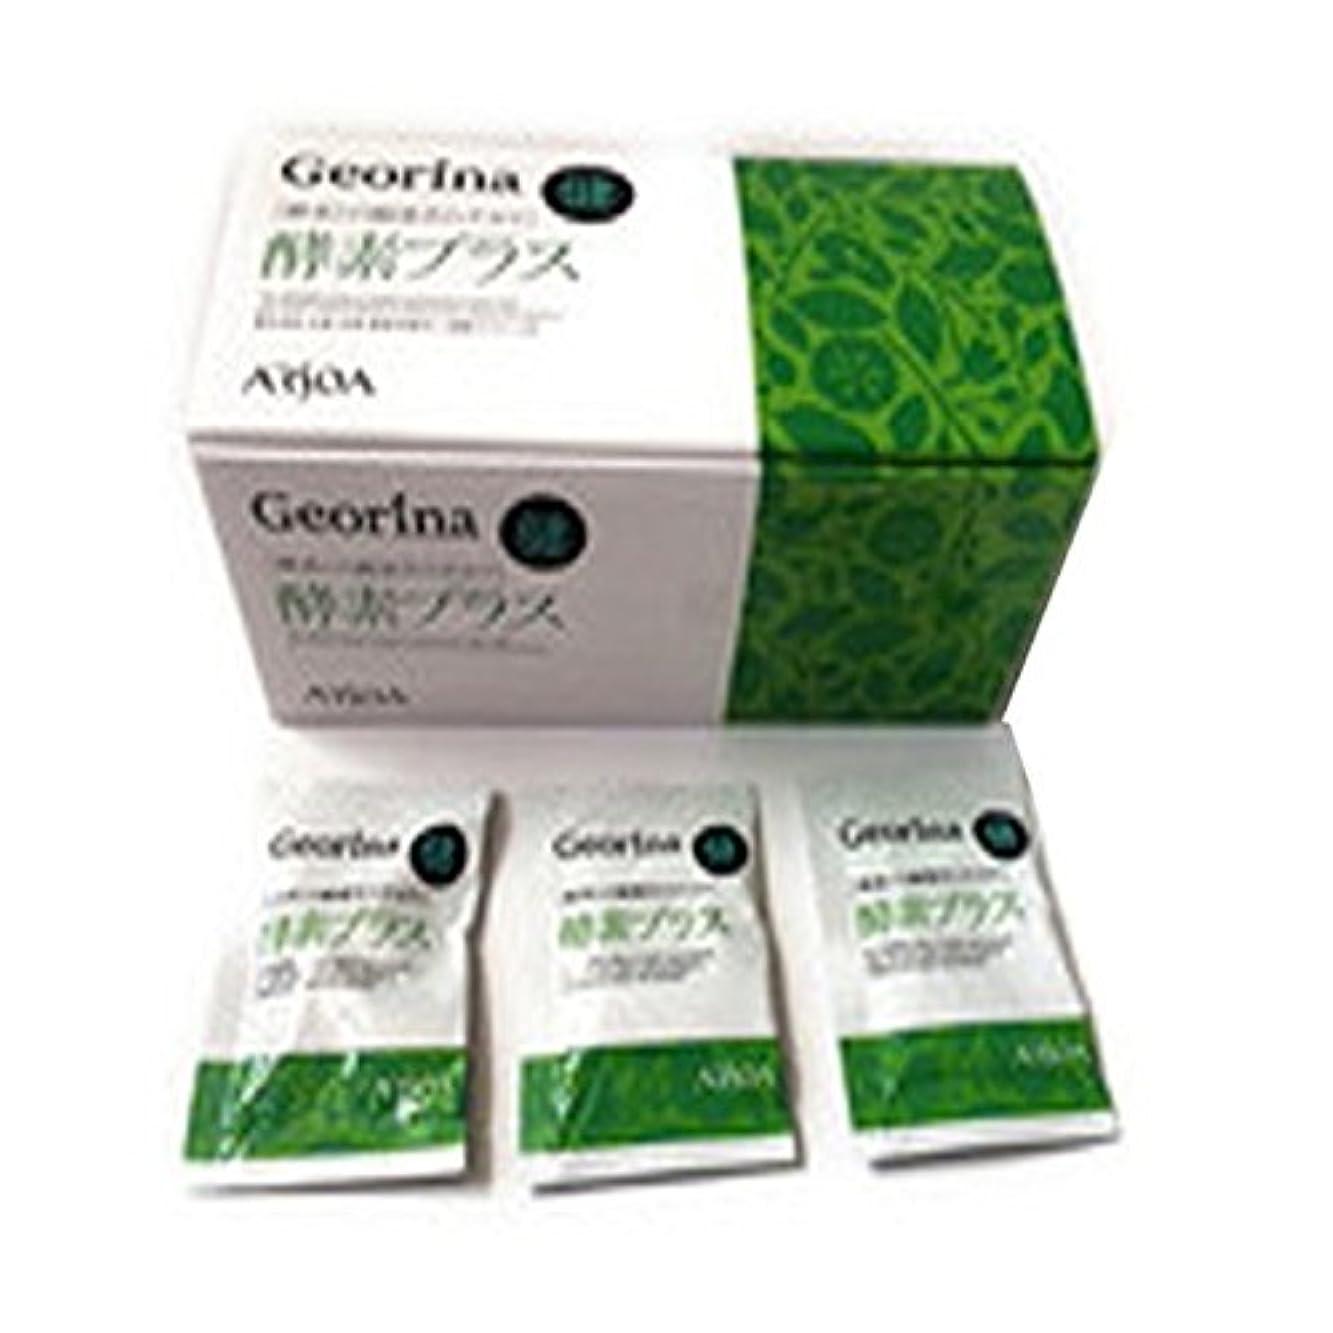 起点条約胚ARSOA(アルソア) ジオリナ 酵素プラス/レギュラー36g